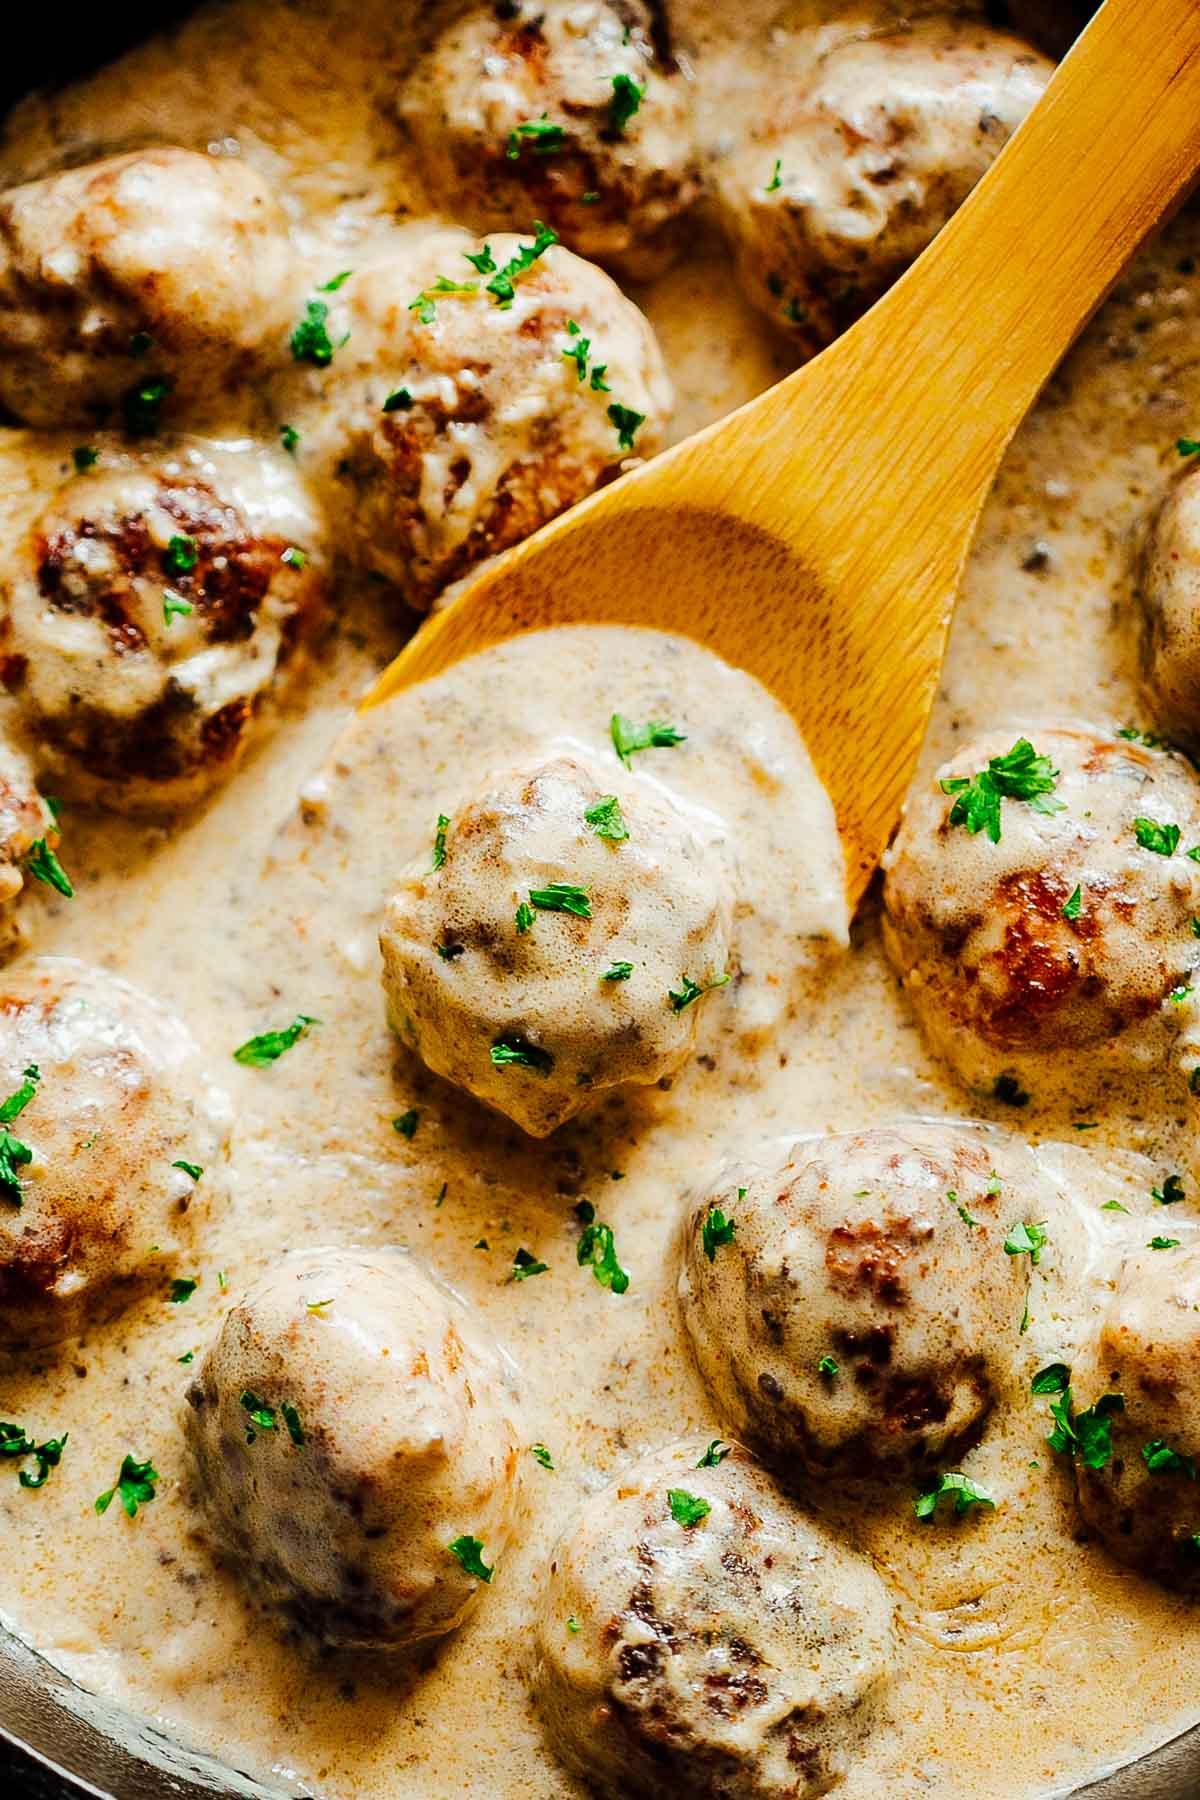 Chicken-Meatballs-in-Mushroom-Sauce-3.jpg